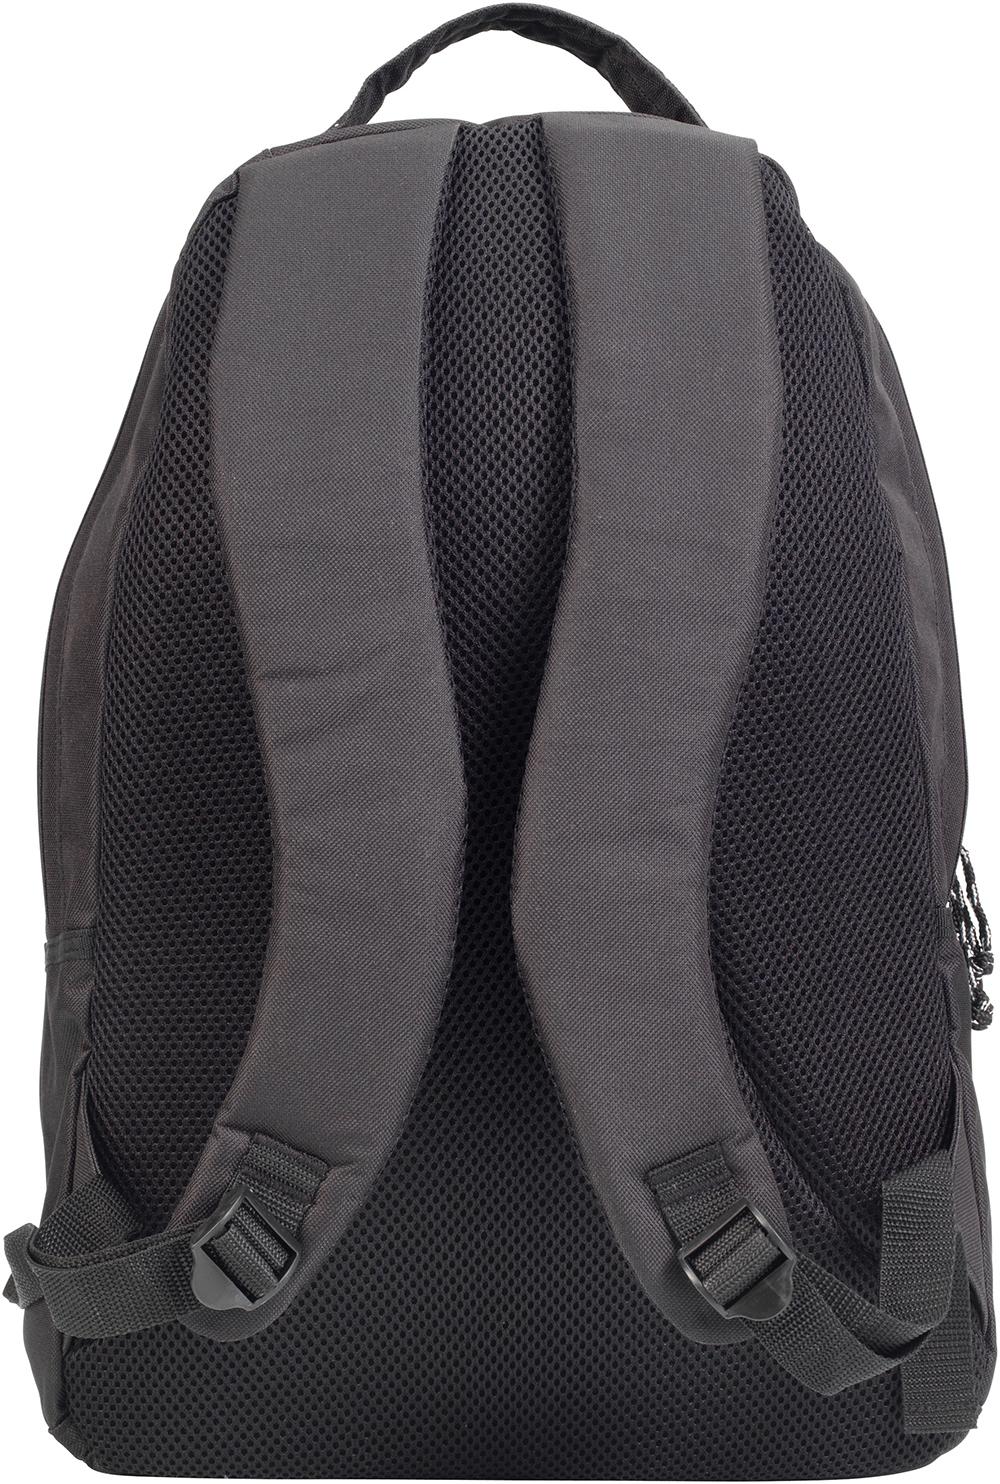 Branded Higham Business Backpack